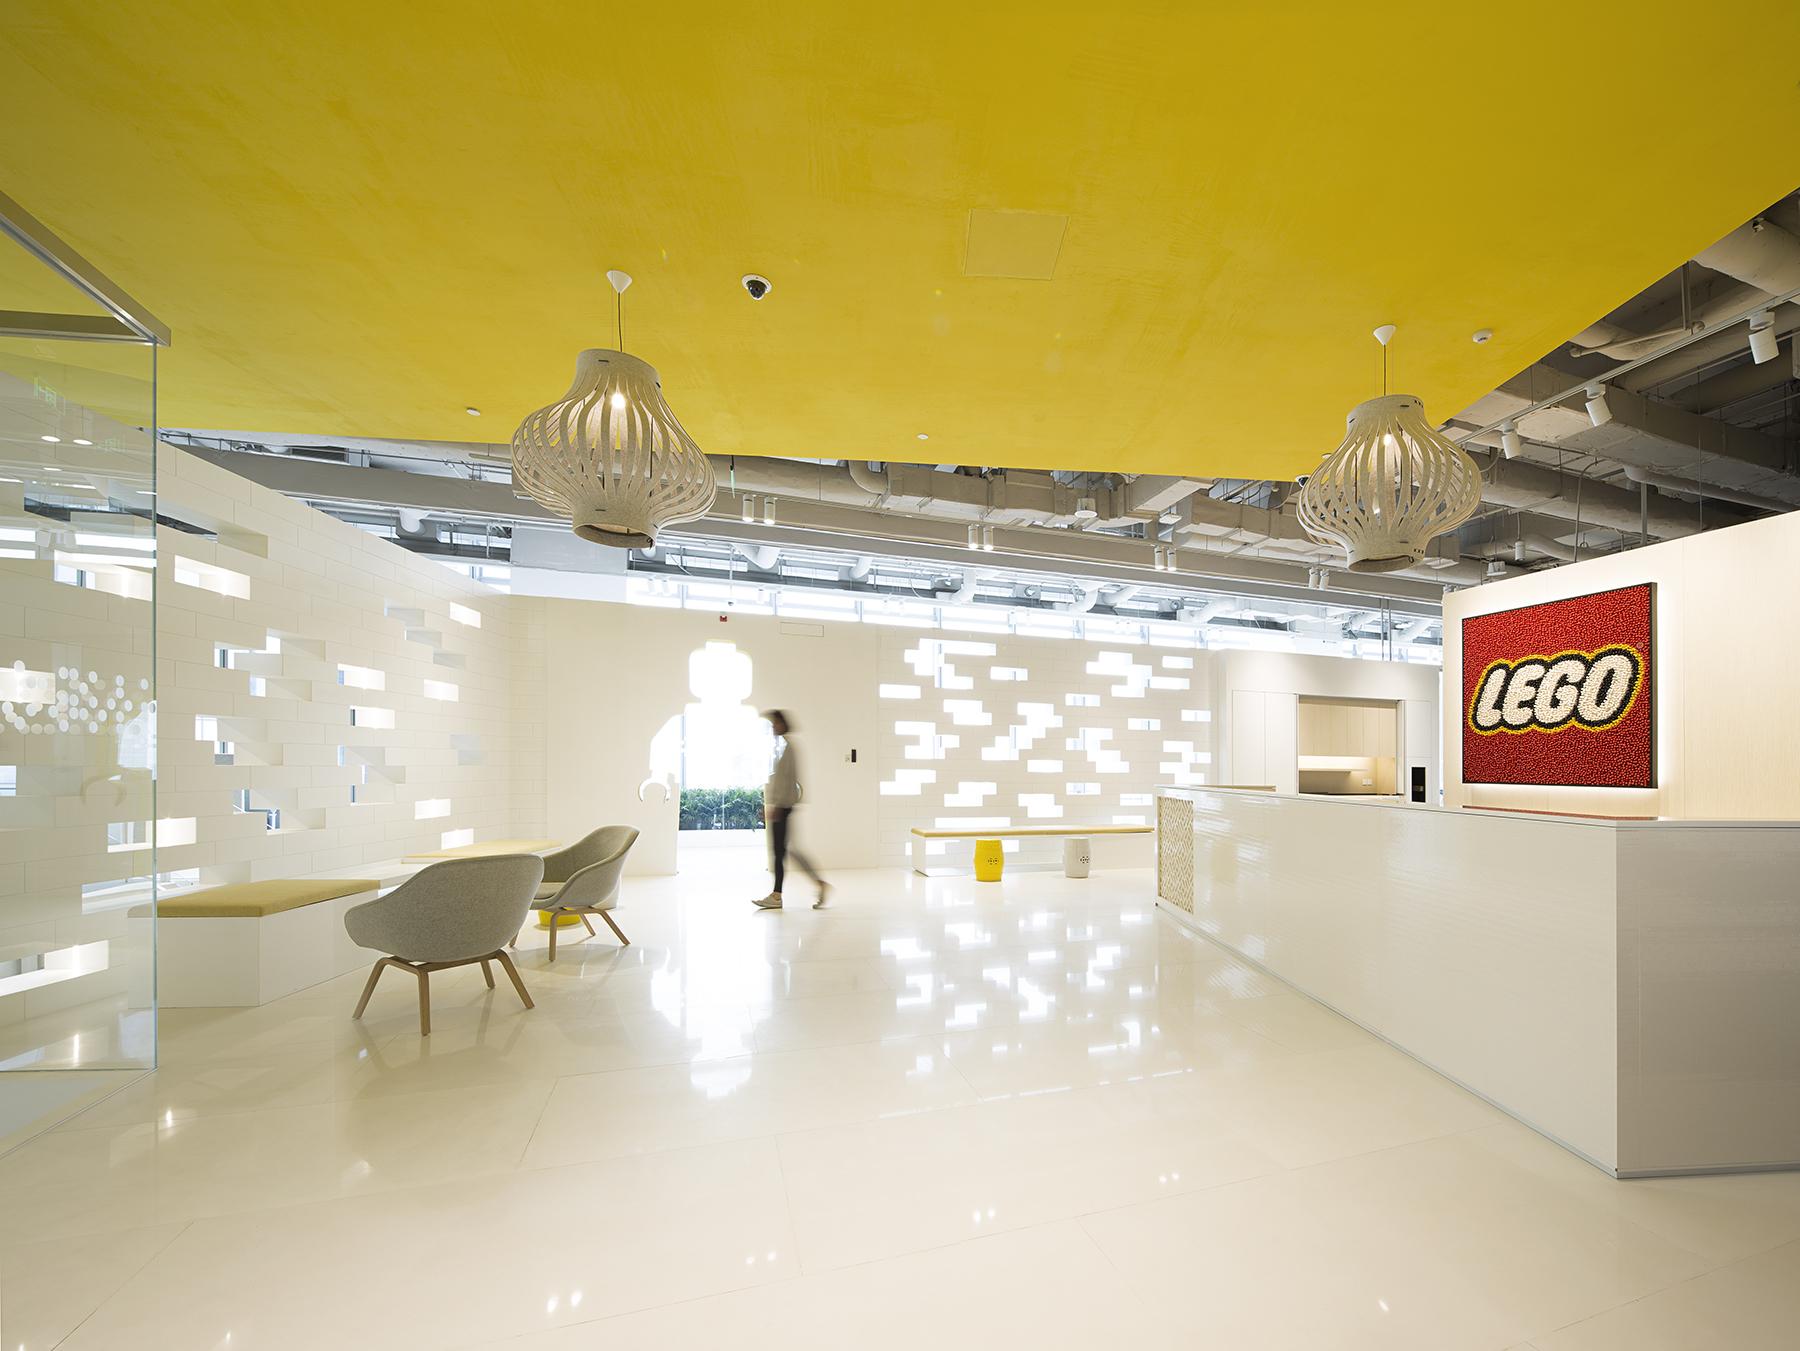 Lego | Tag | ArchDaily